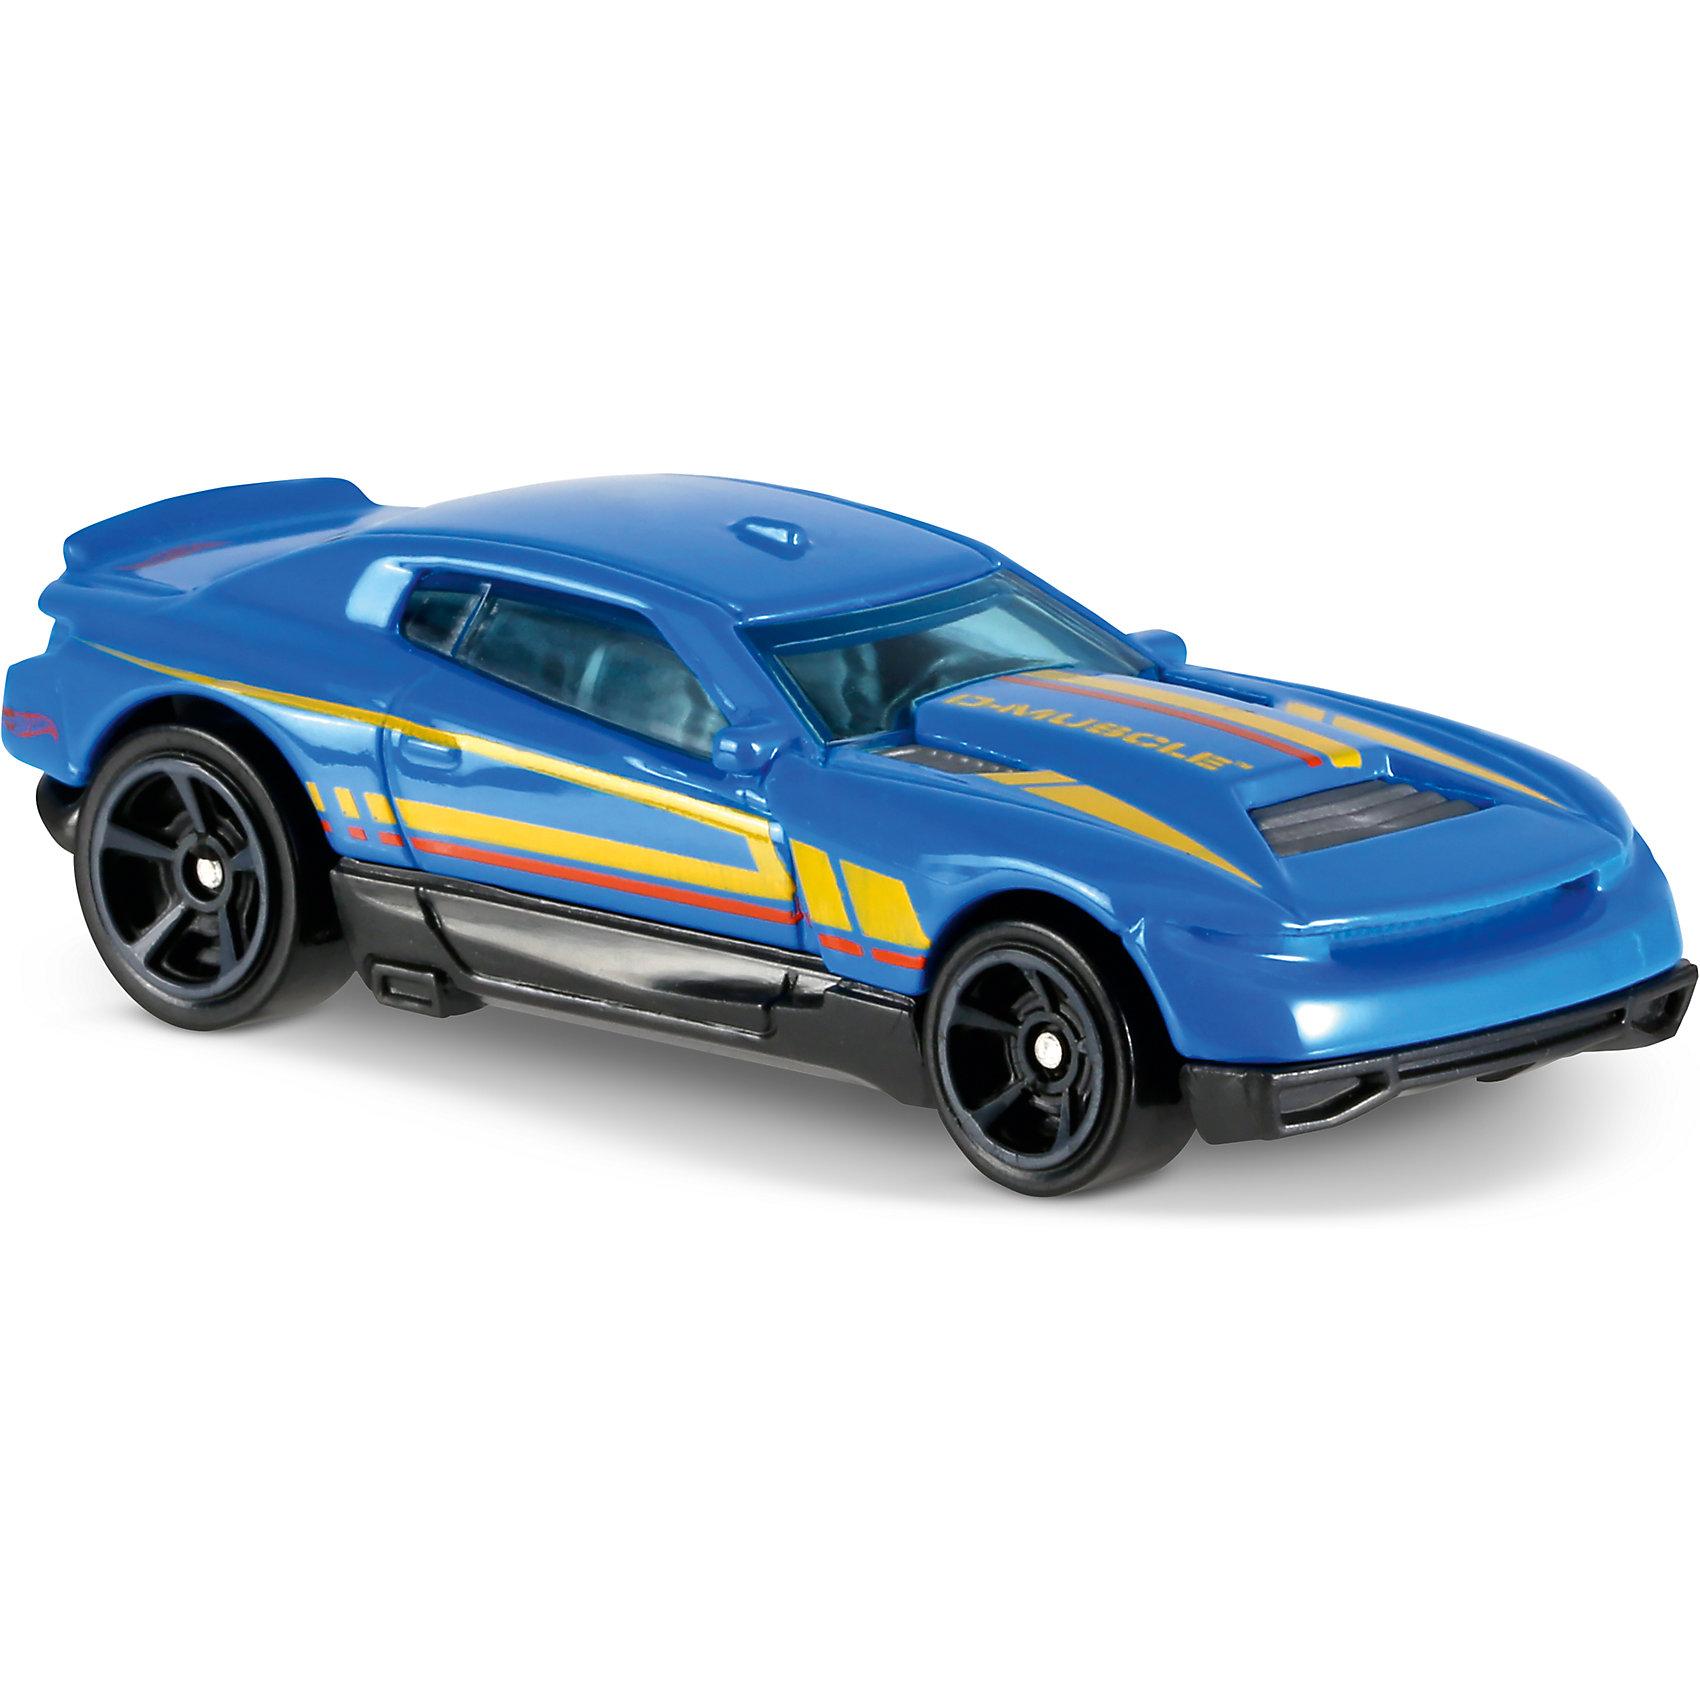 Базовая машинка Hot Wheels, D-MuskleПопулярные игрушки<br><br><br>Ширина мм: 110<br>Глубина мм: 45<br>Высота мм: 110<br>Вес г: 30<br>Возраст от месяцев: 36<br>Возраст до месяцев: 96<br>Пол: Мужской<br>Возраст: Детский<br>SKU: 7142082